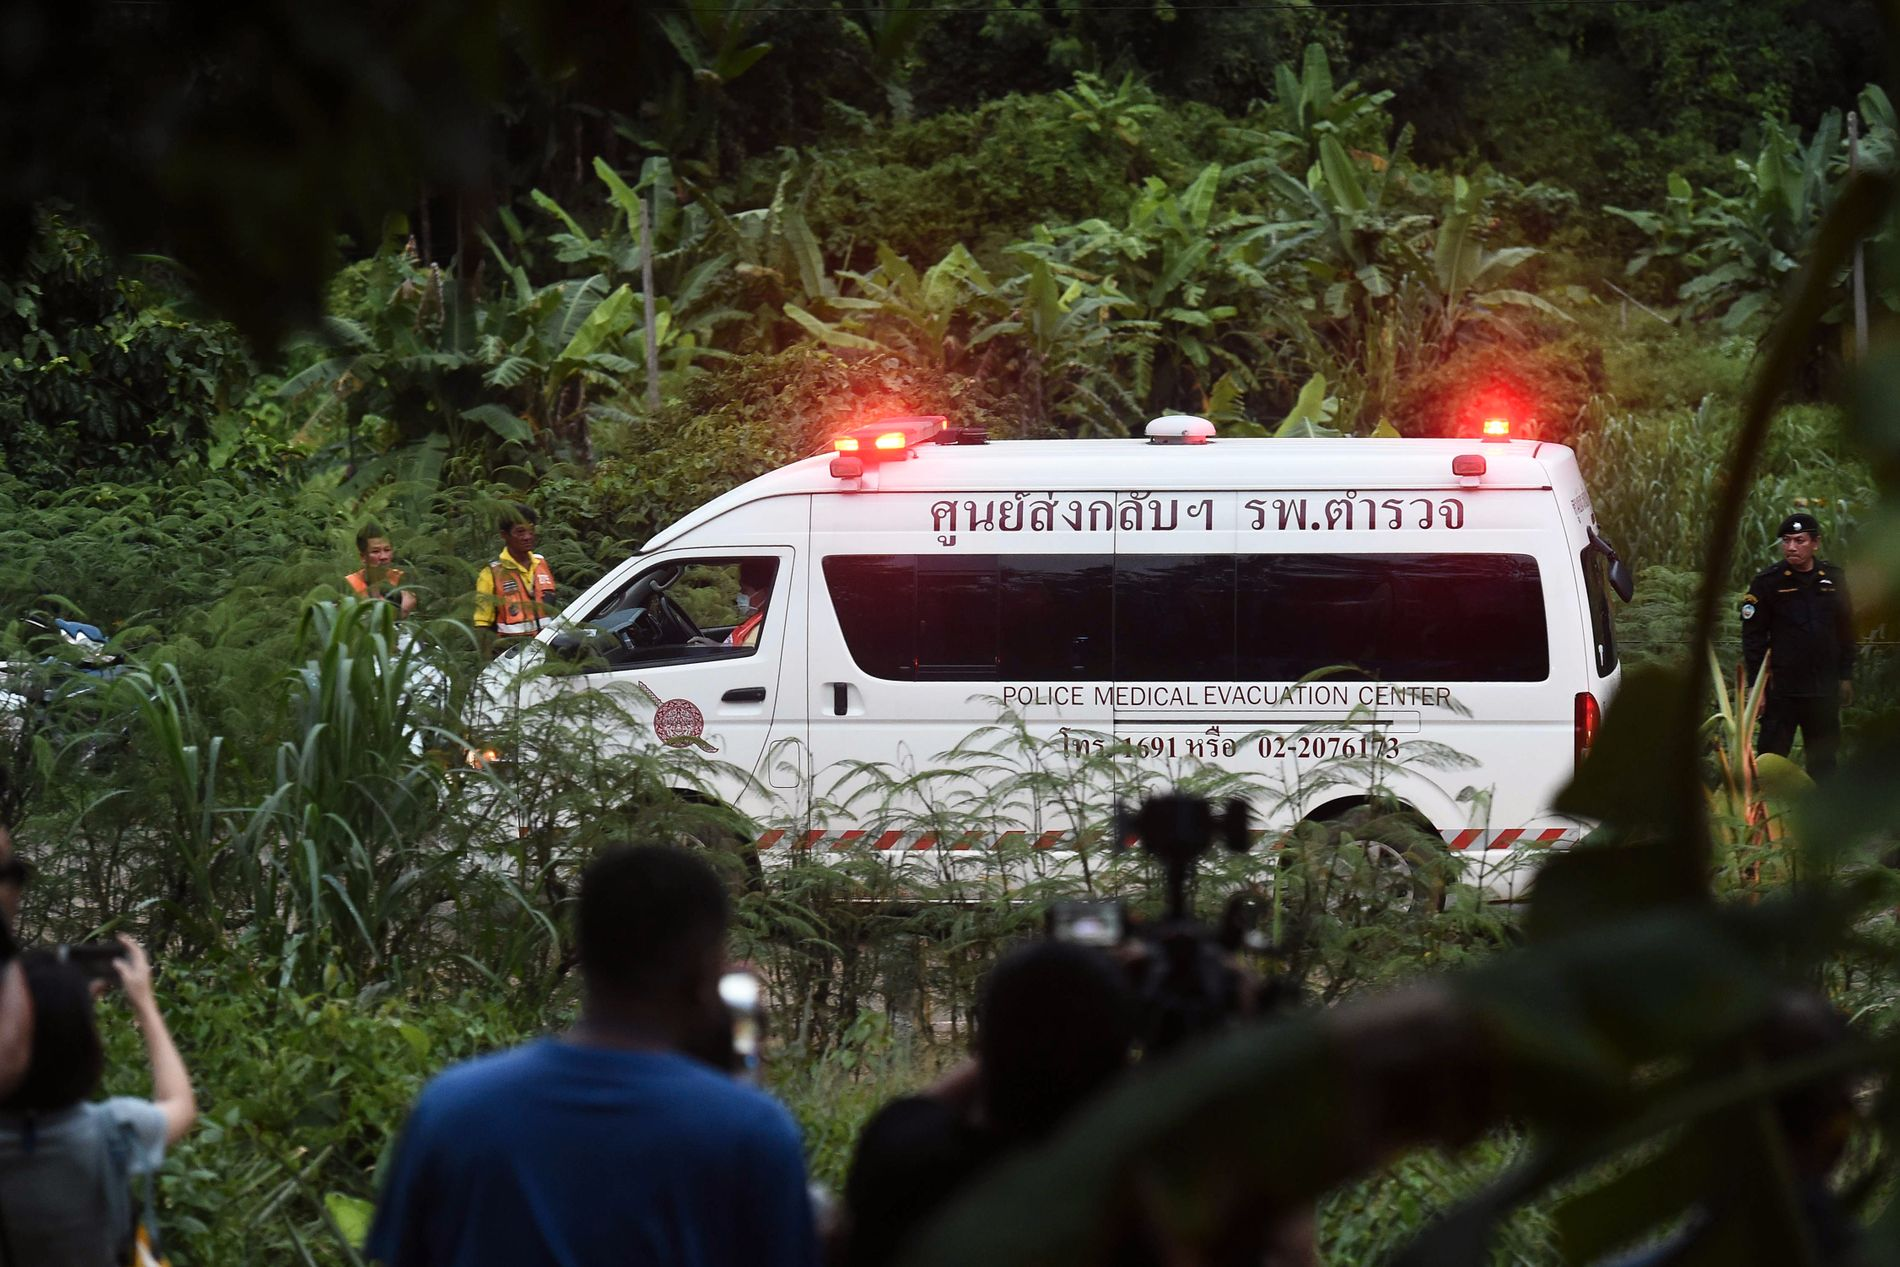 MYE TRAFIKK:  En ambulanse kjører ut fra grotteområdet i Tham Luang mens redningsaksjonen pågår for å redde ut de 13 menneskene som er fanget i den oversvømmede grotten i Chiang Rai-provinsen i Thailand.